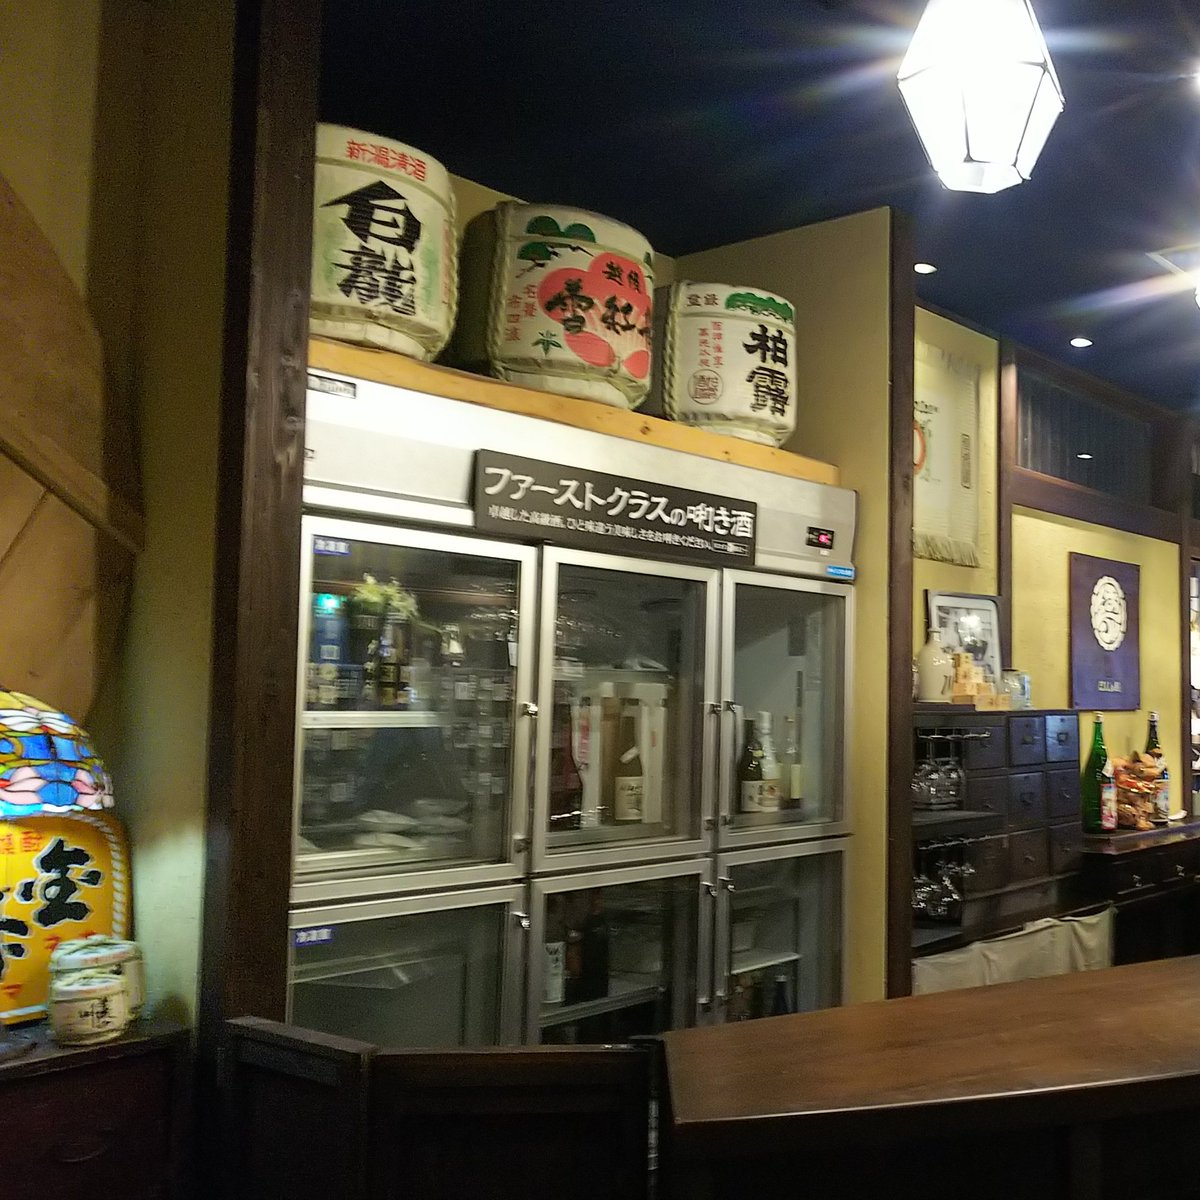 test ツイッターメディア - @__pn_c 新潟出身なんですが実はあまり日本酒詳しくなくて💦〆張鶴の純とか、あまり関東じゃ見かけない銘柄がいいかもです😌あと3杯分の価格でレアな日本酒も試せますよ! https://t.co/LJlCnA7aZG